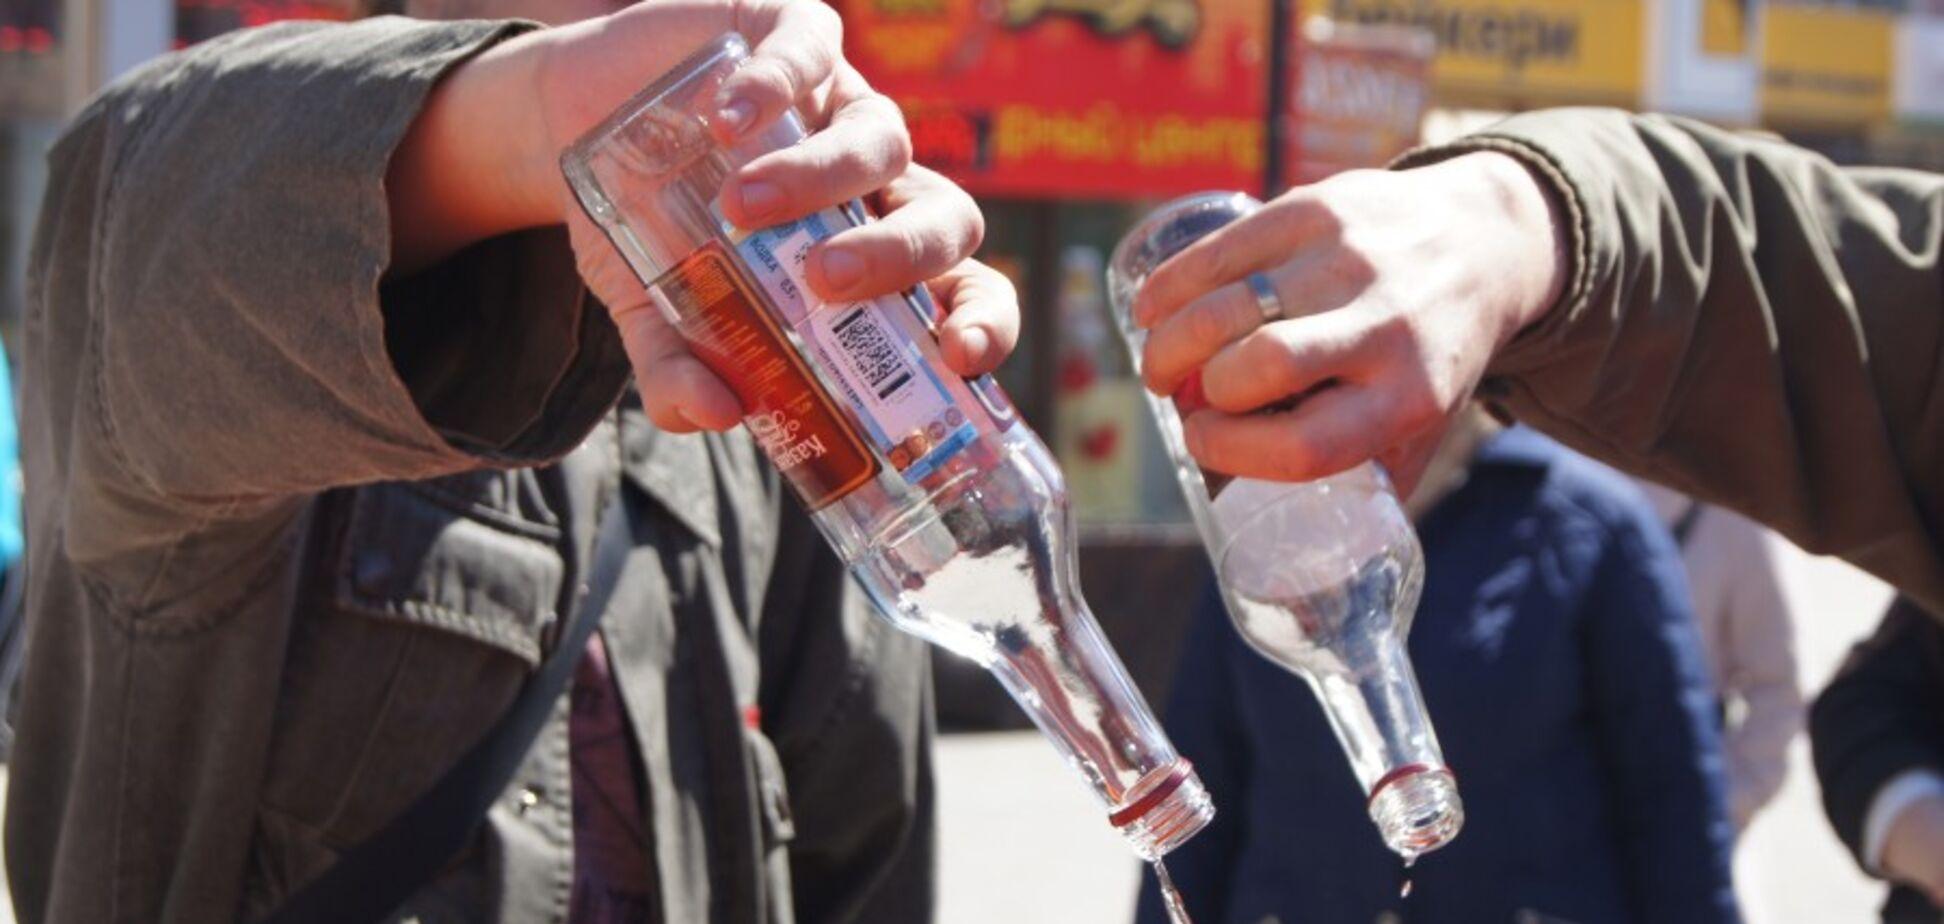 'Ви хоч закусуйте!' Українців насмішив анонс Малюськи про утилізацію 14 тонн алкоголю